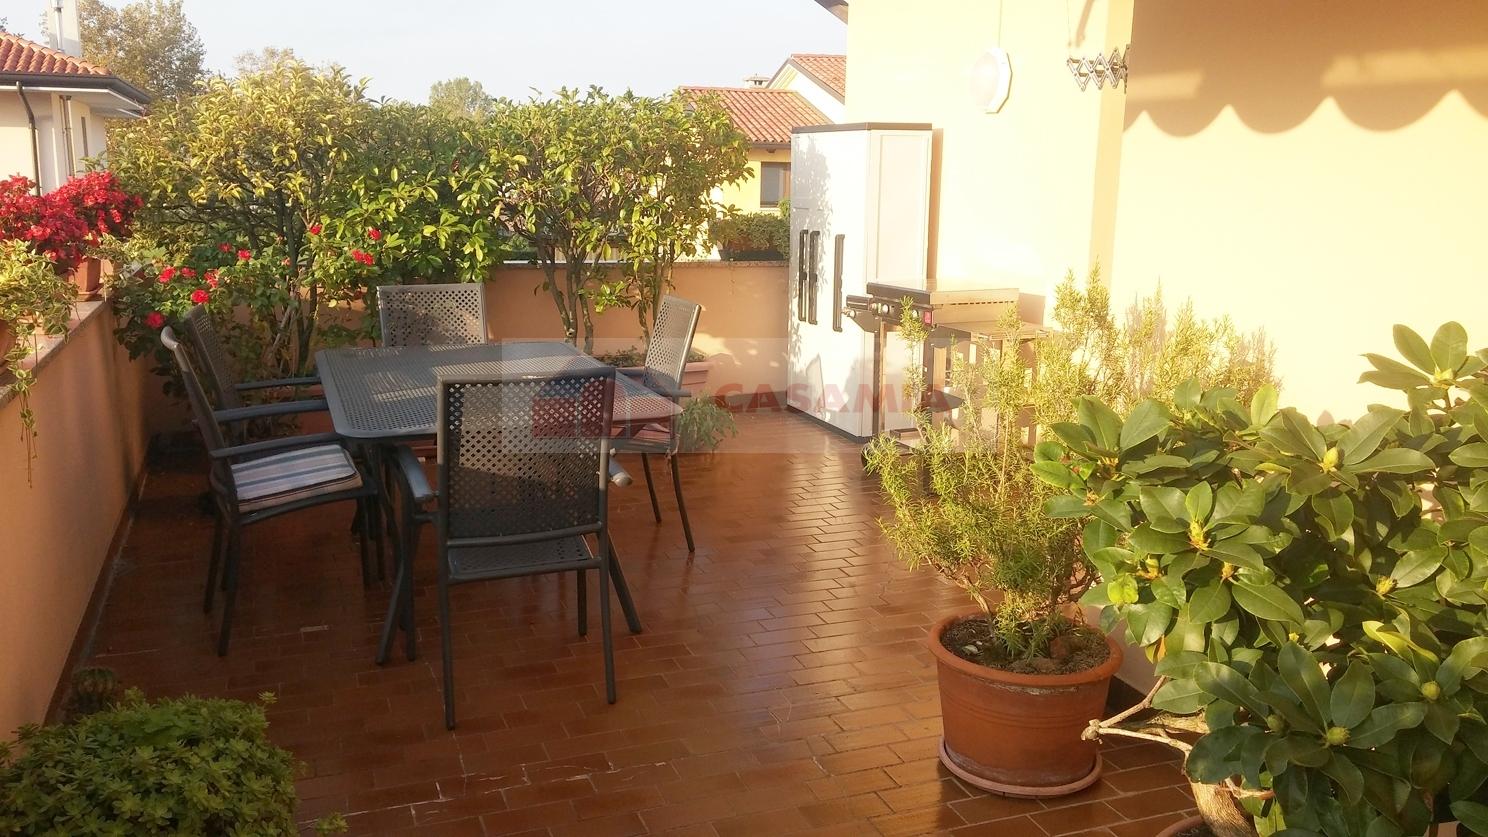 Appartamento in vendita a Motta di Livenza, 5 locali, zona Località: Malintrada, prezzo € 125.000 | PortaleAgenzieImmobiliari.it